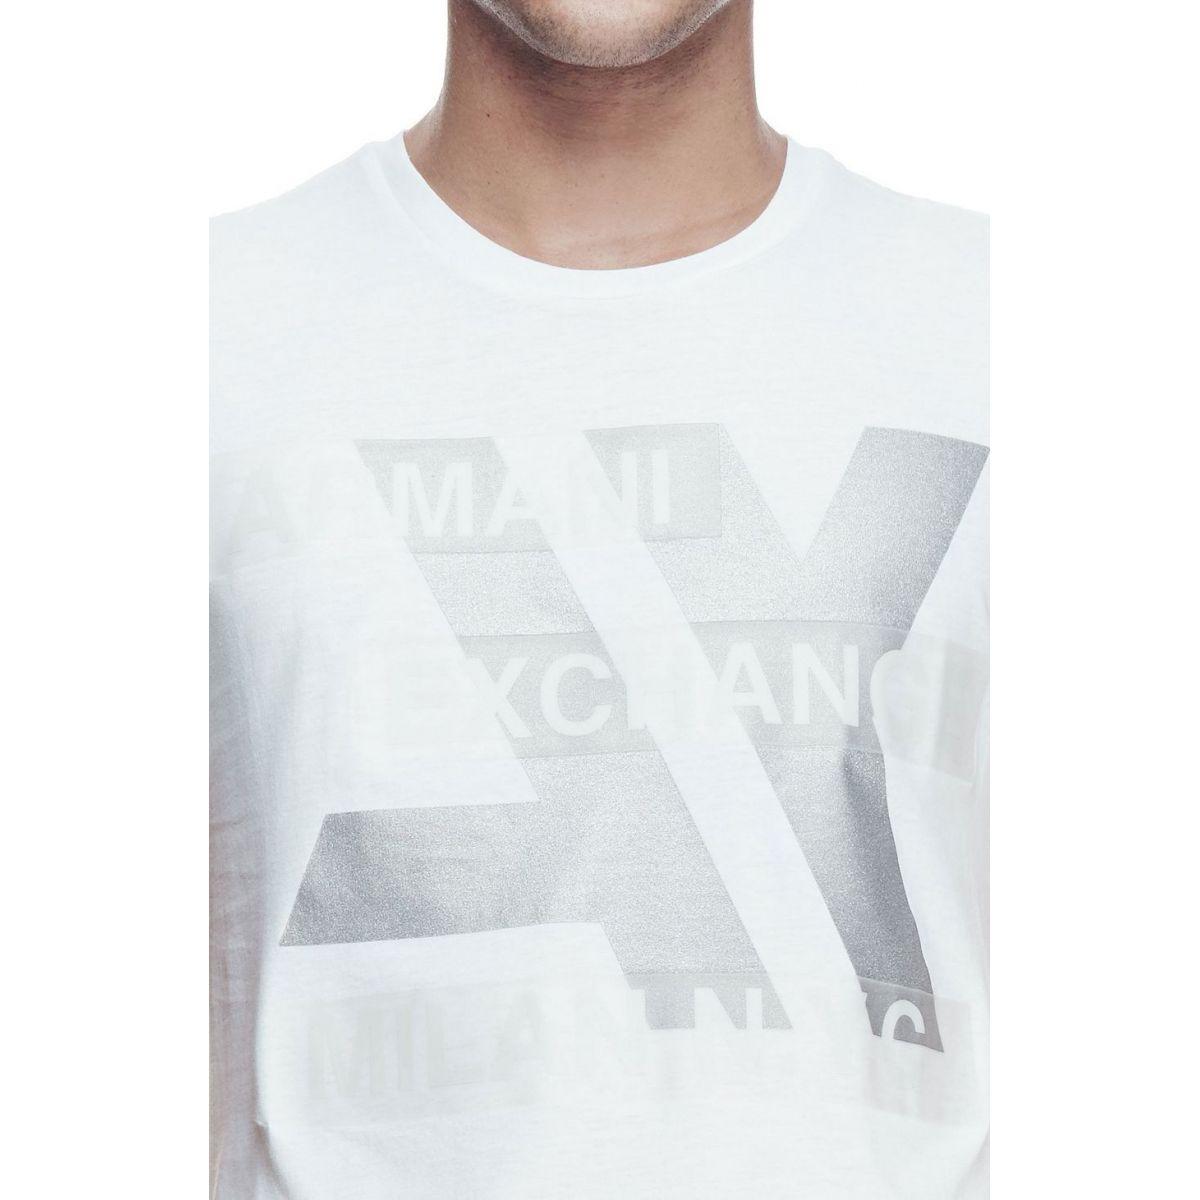 Camiseta Armani Exchange Hi Tech logo Branca  - Ca Brasileira